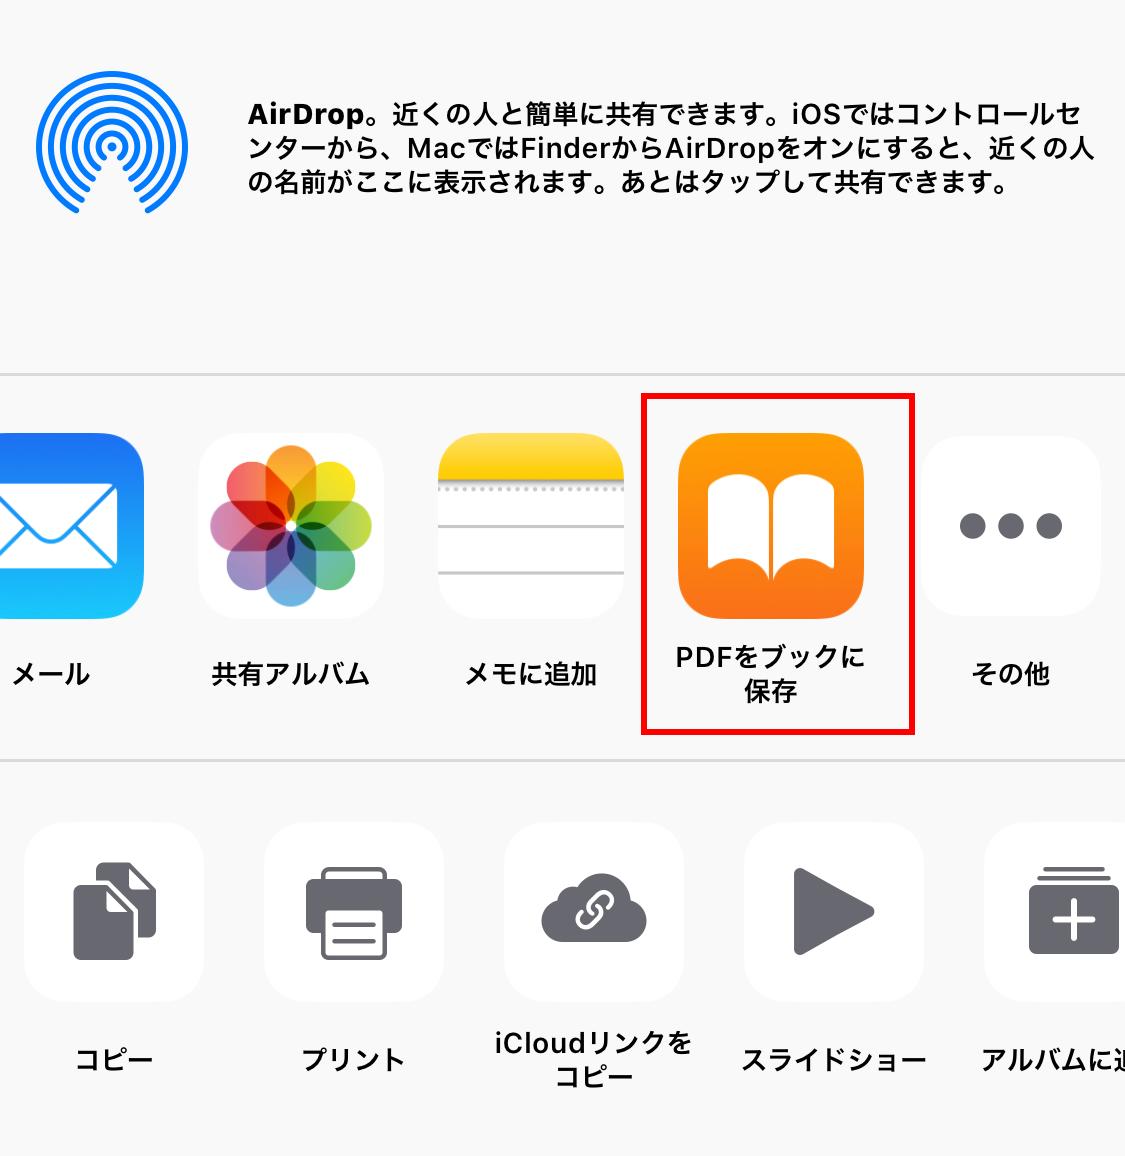 iPhone,iPadで手持ちの写真をPDF化し、ブックAppに保存する方法